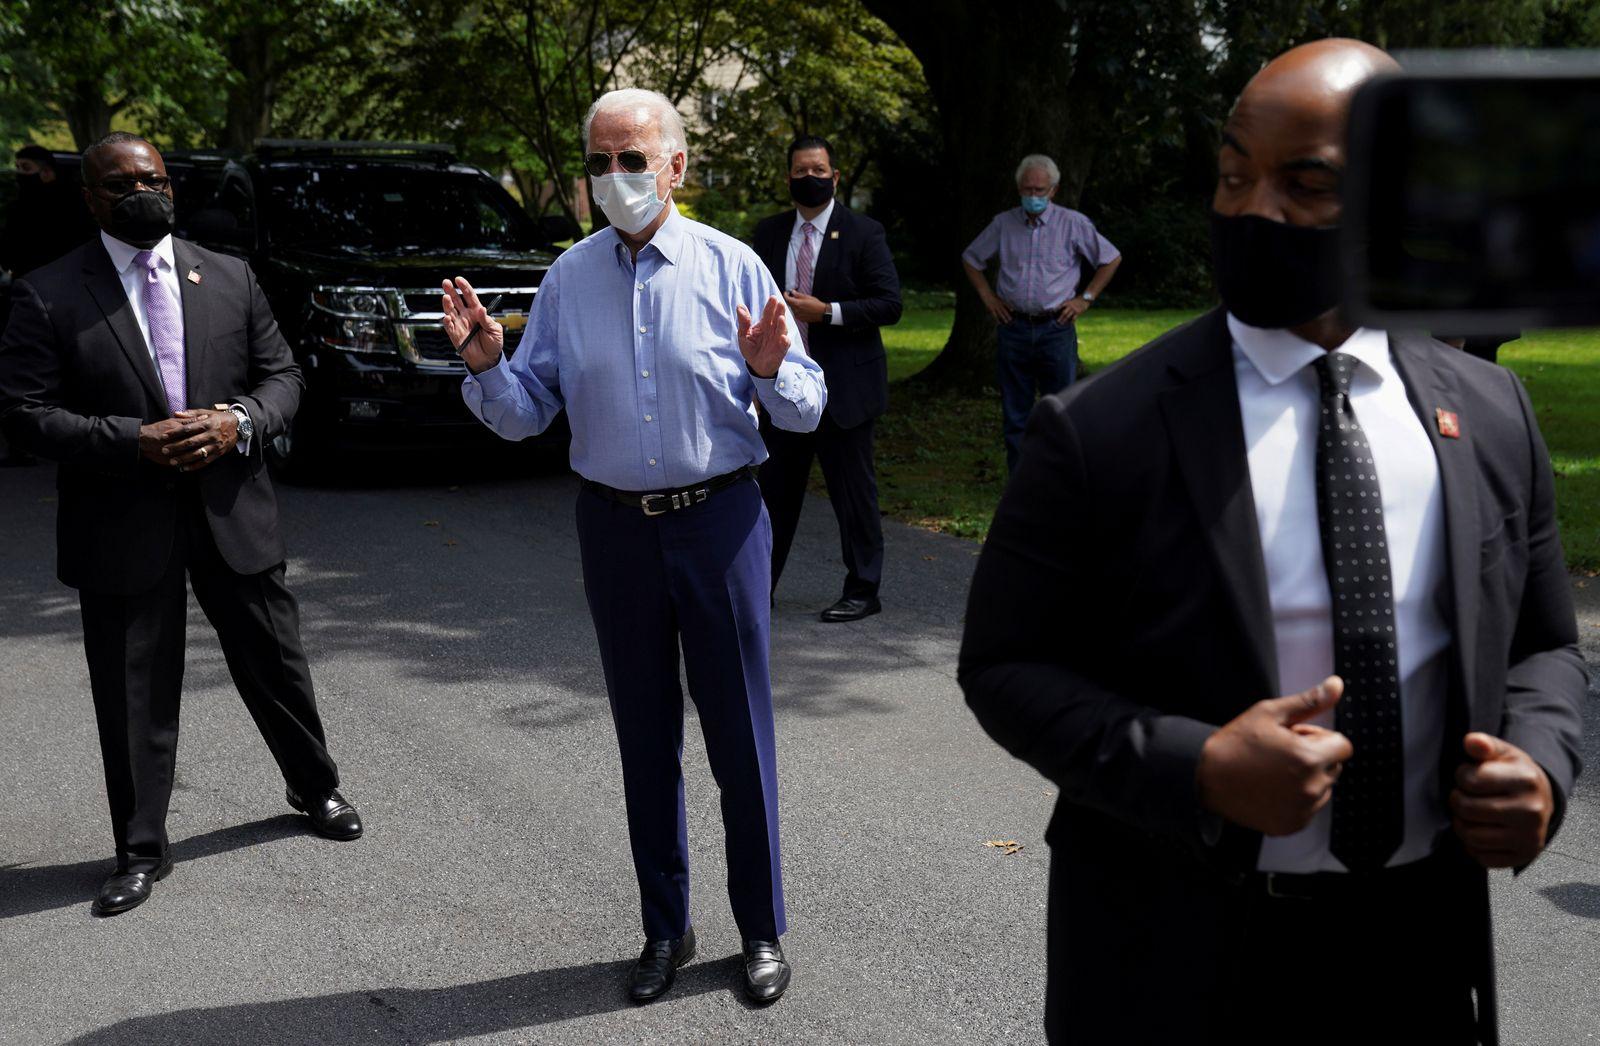 Joe Biden campaigns in Pennsylvania